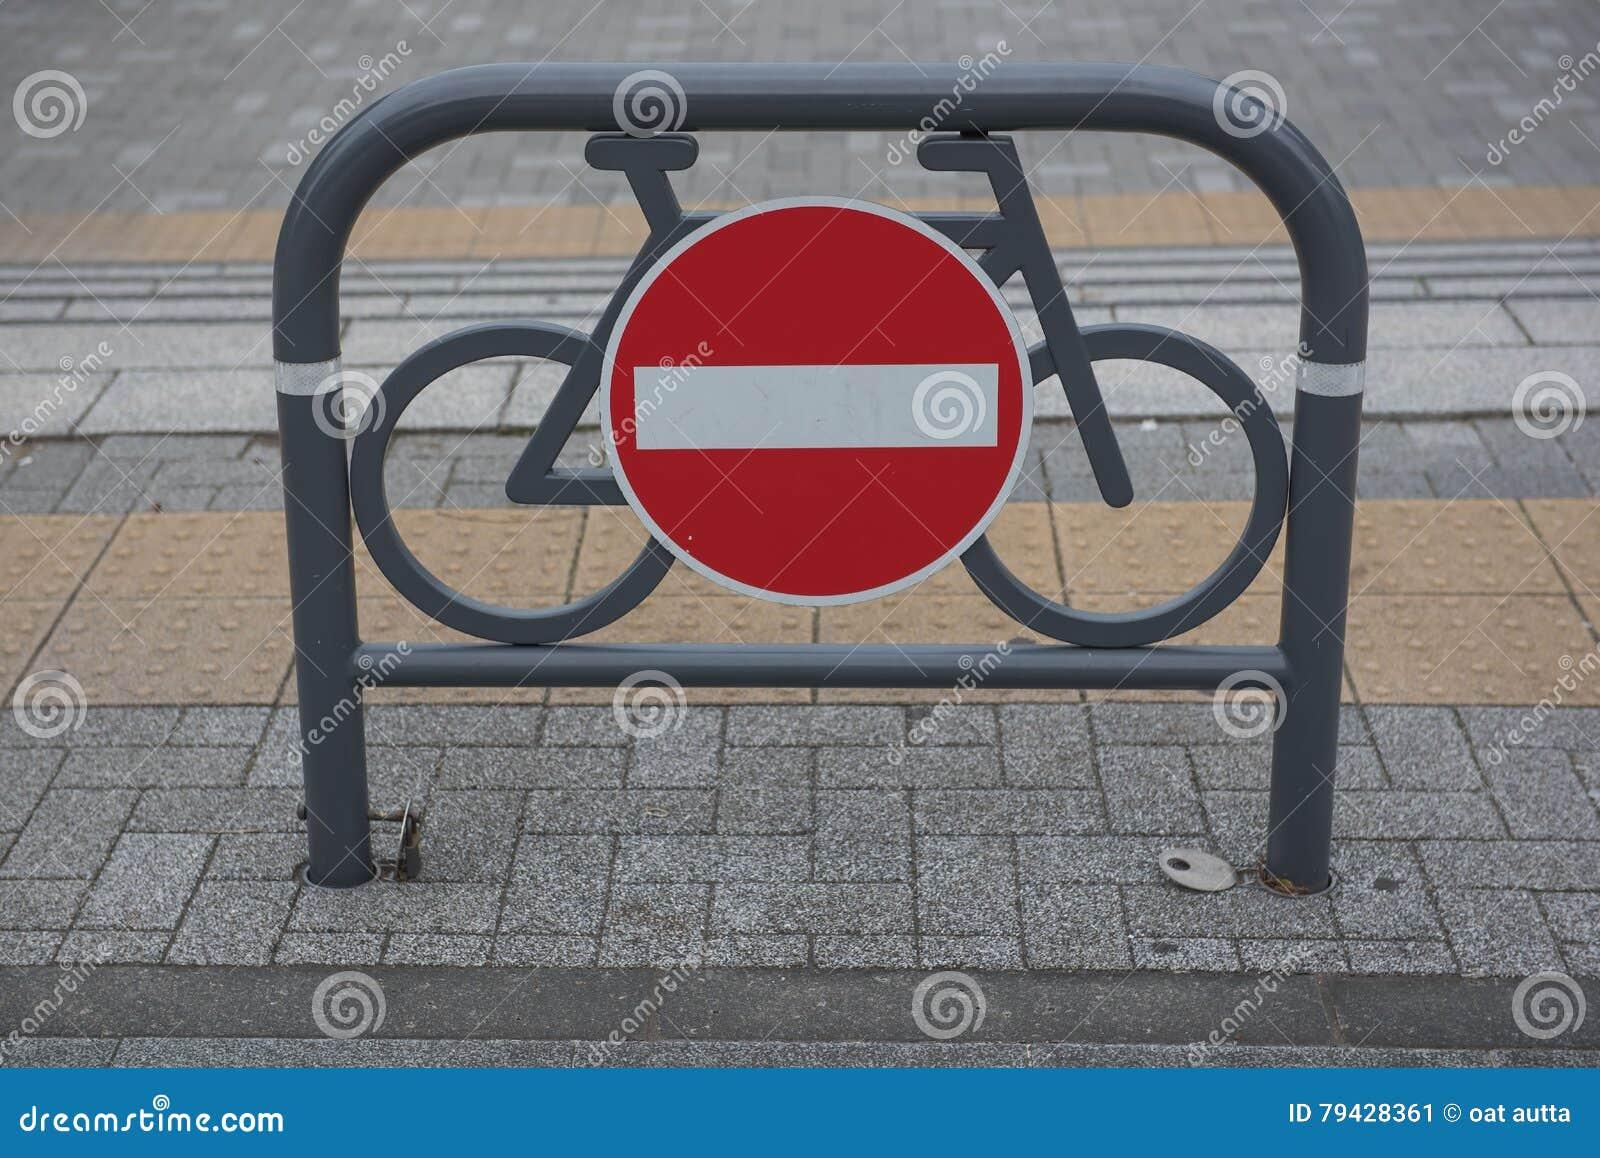 Σημάδι κυκλοφορίας ενάντια σε κόκκινο και το λευκό καμία είσοδος για τα ποδήλατα